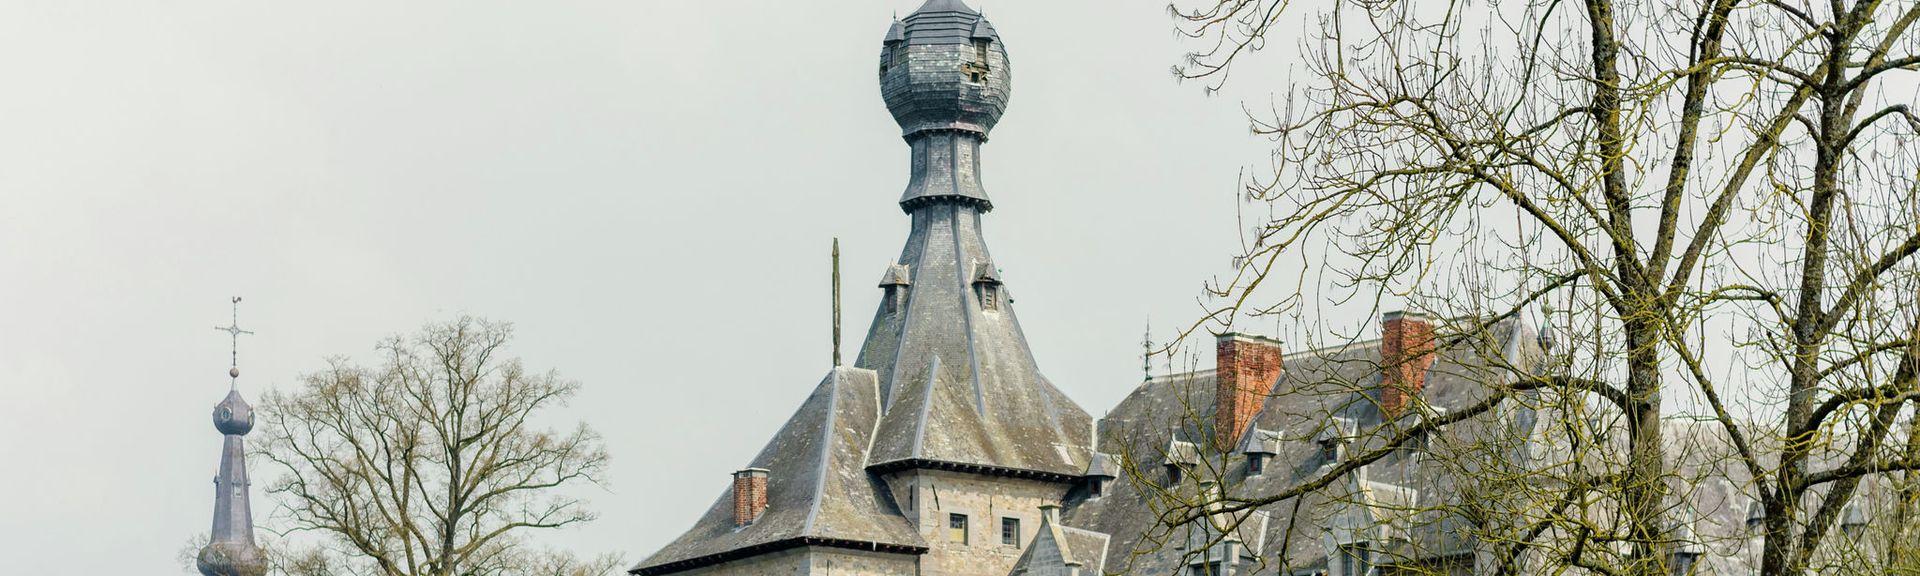 Beaumont, Wallonische Region, Belgien